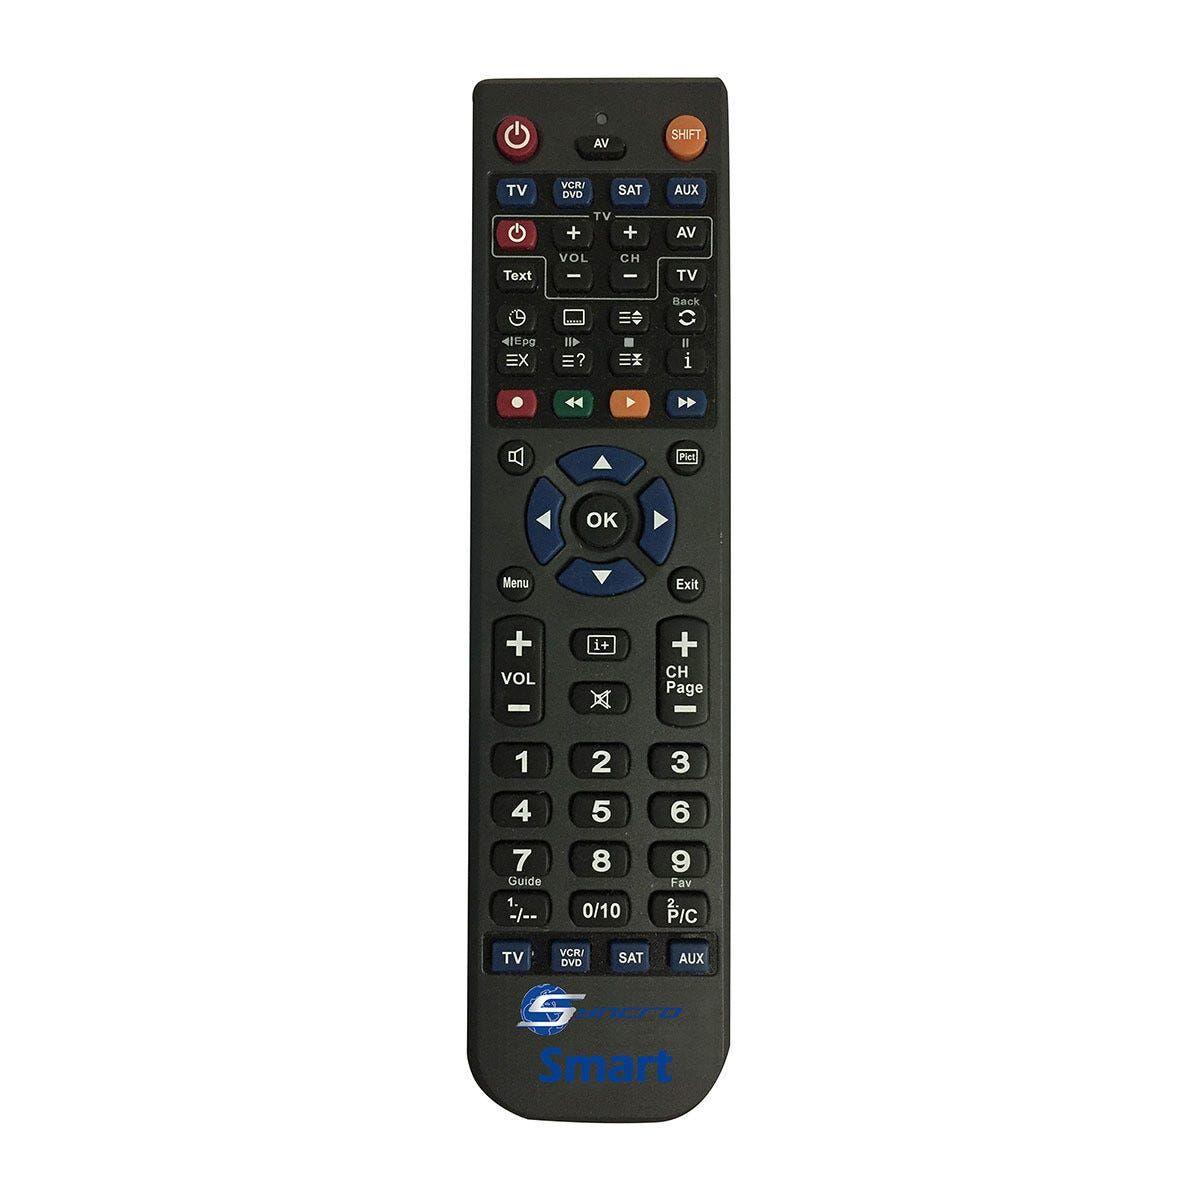 Telecomando Hd Universale Per Tv - Sat Hd - Vcr - Dvd - Aux